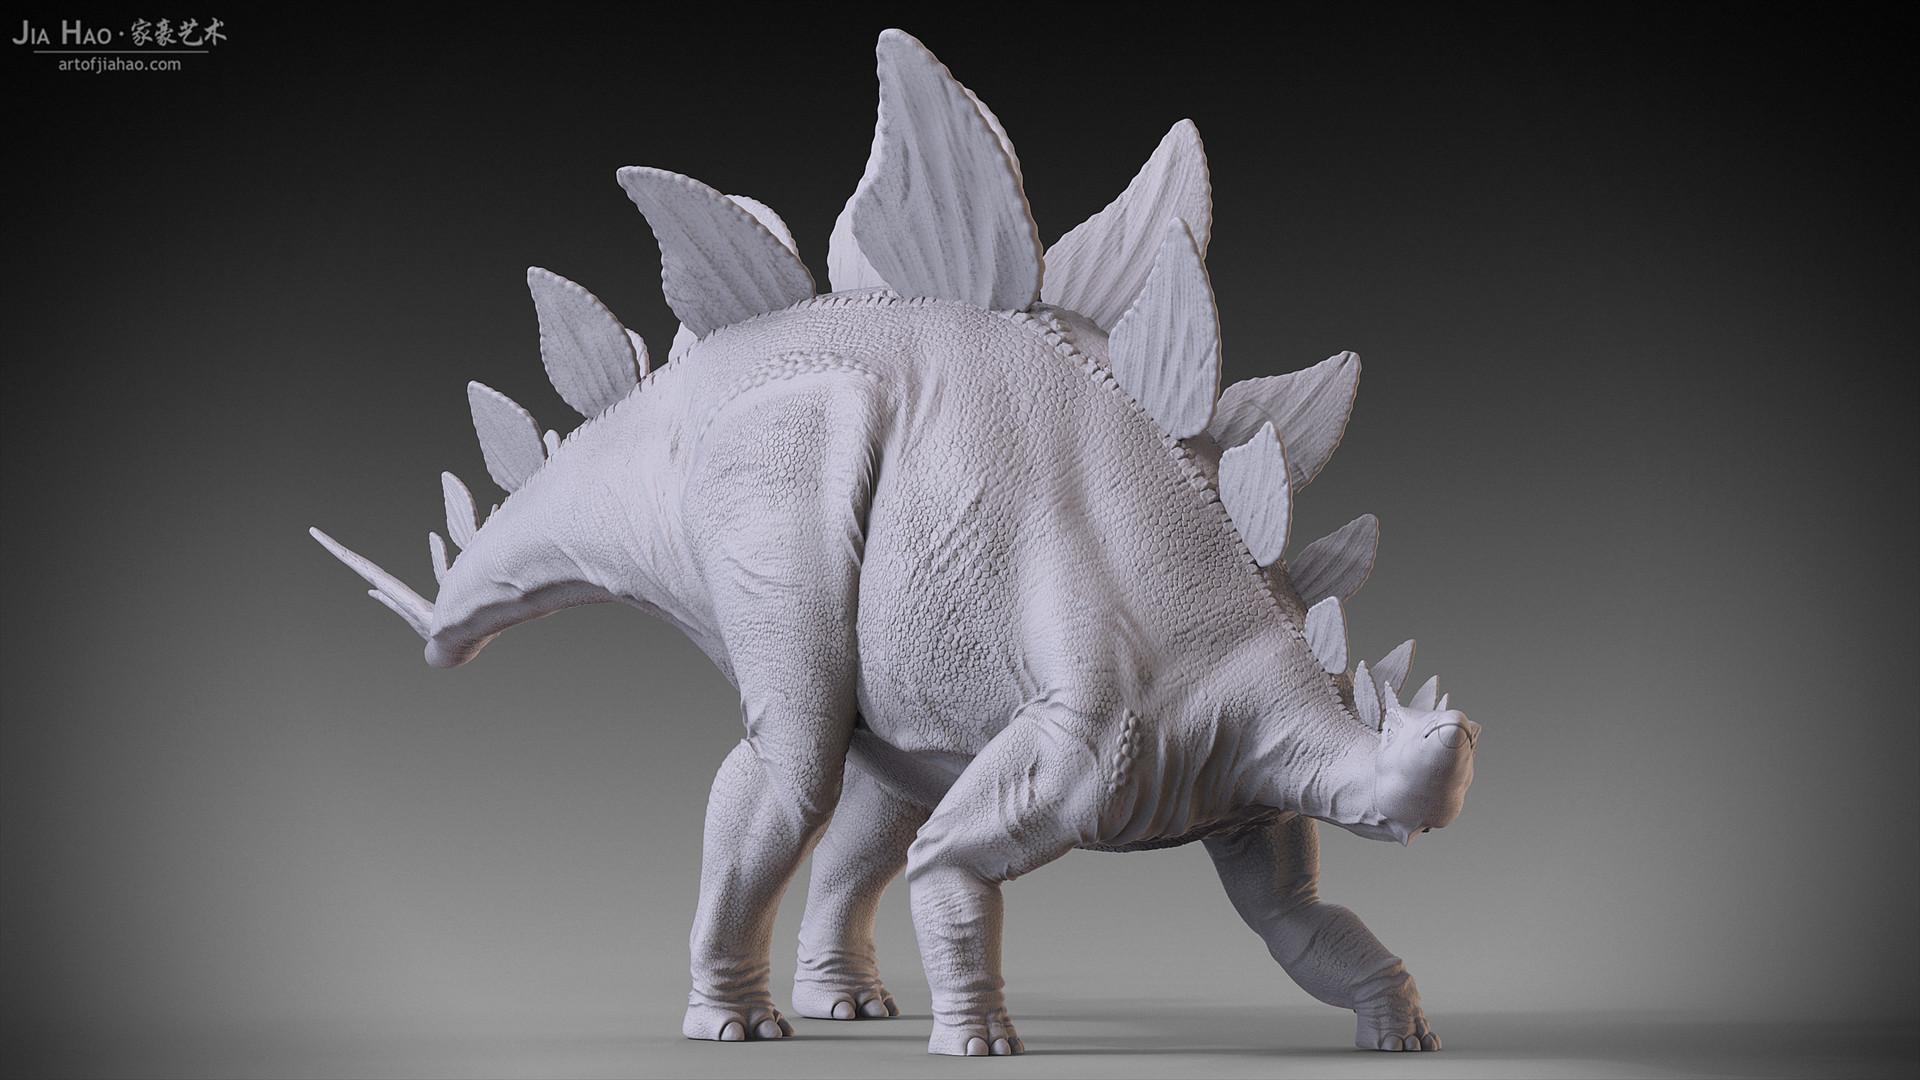 Jia hao stegosaurus 02